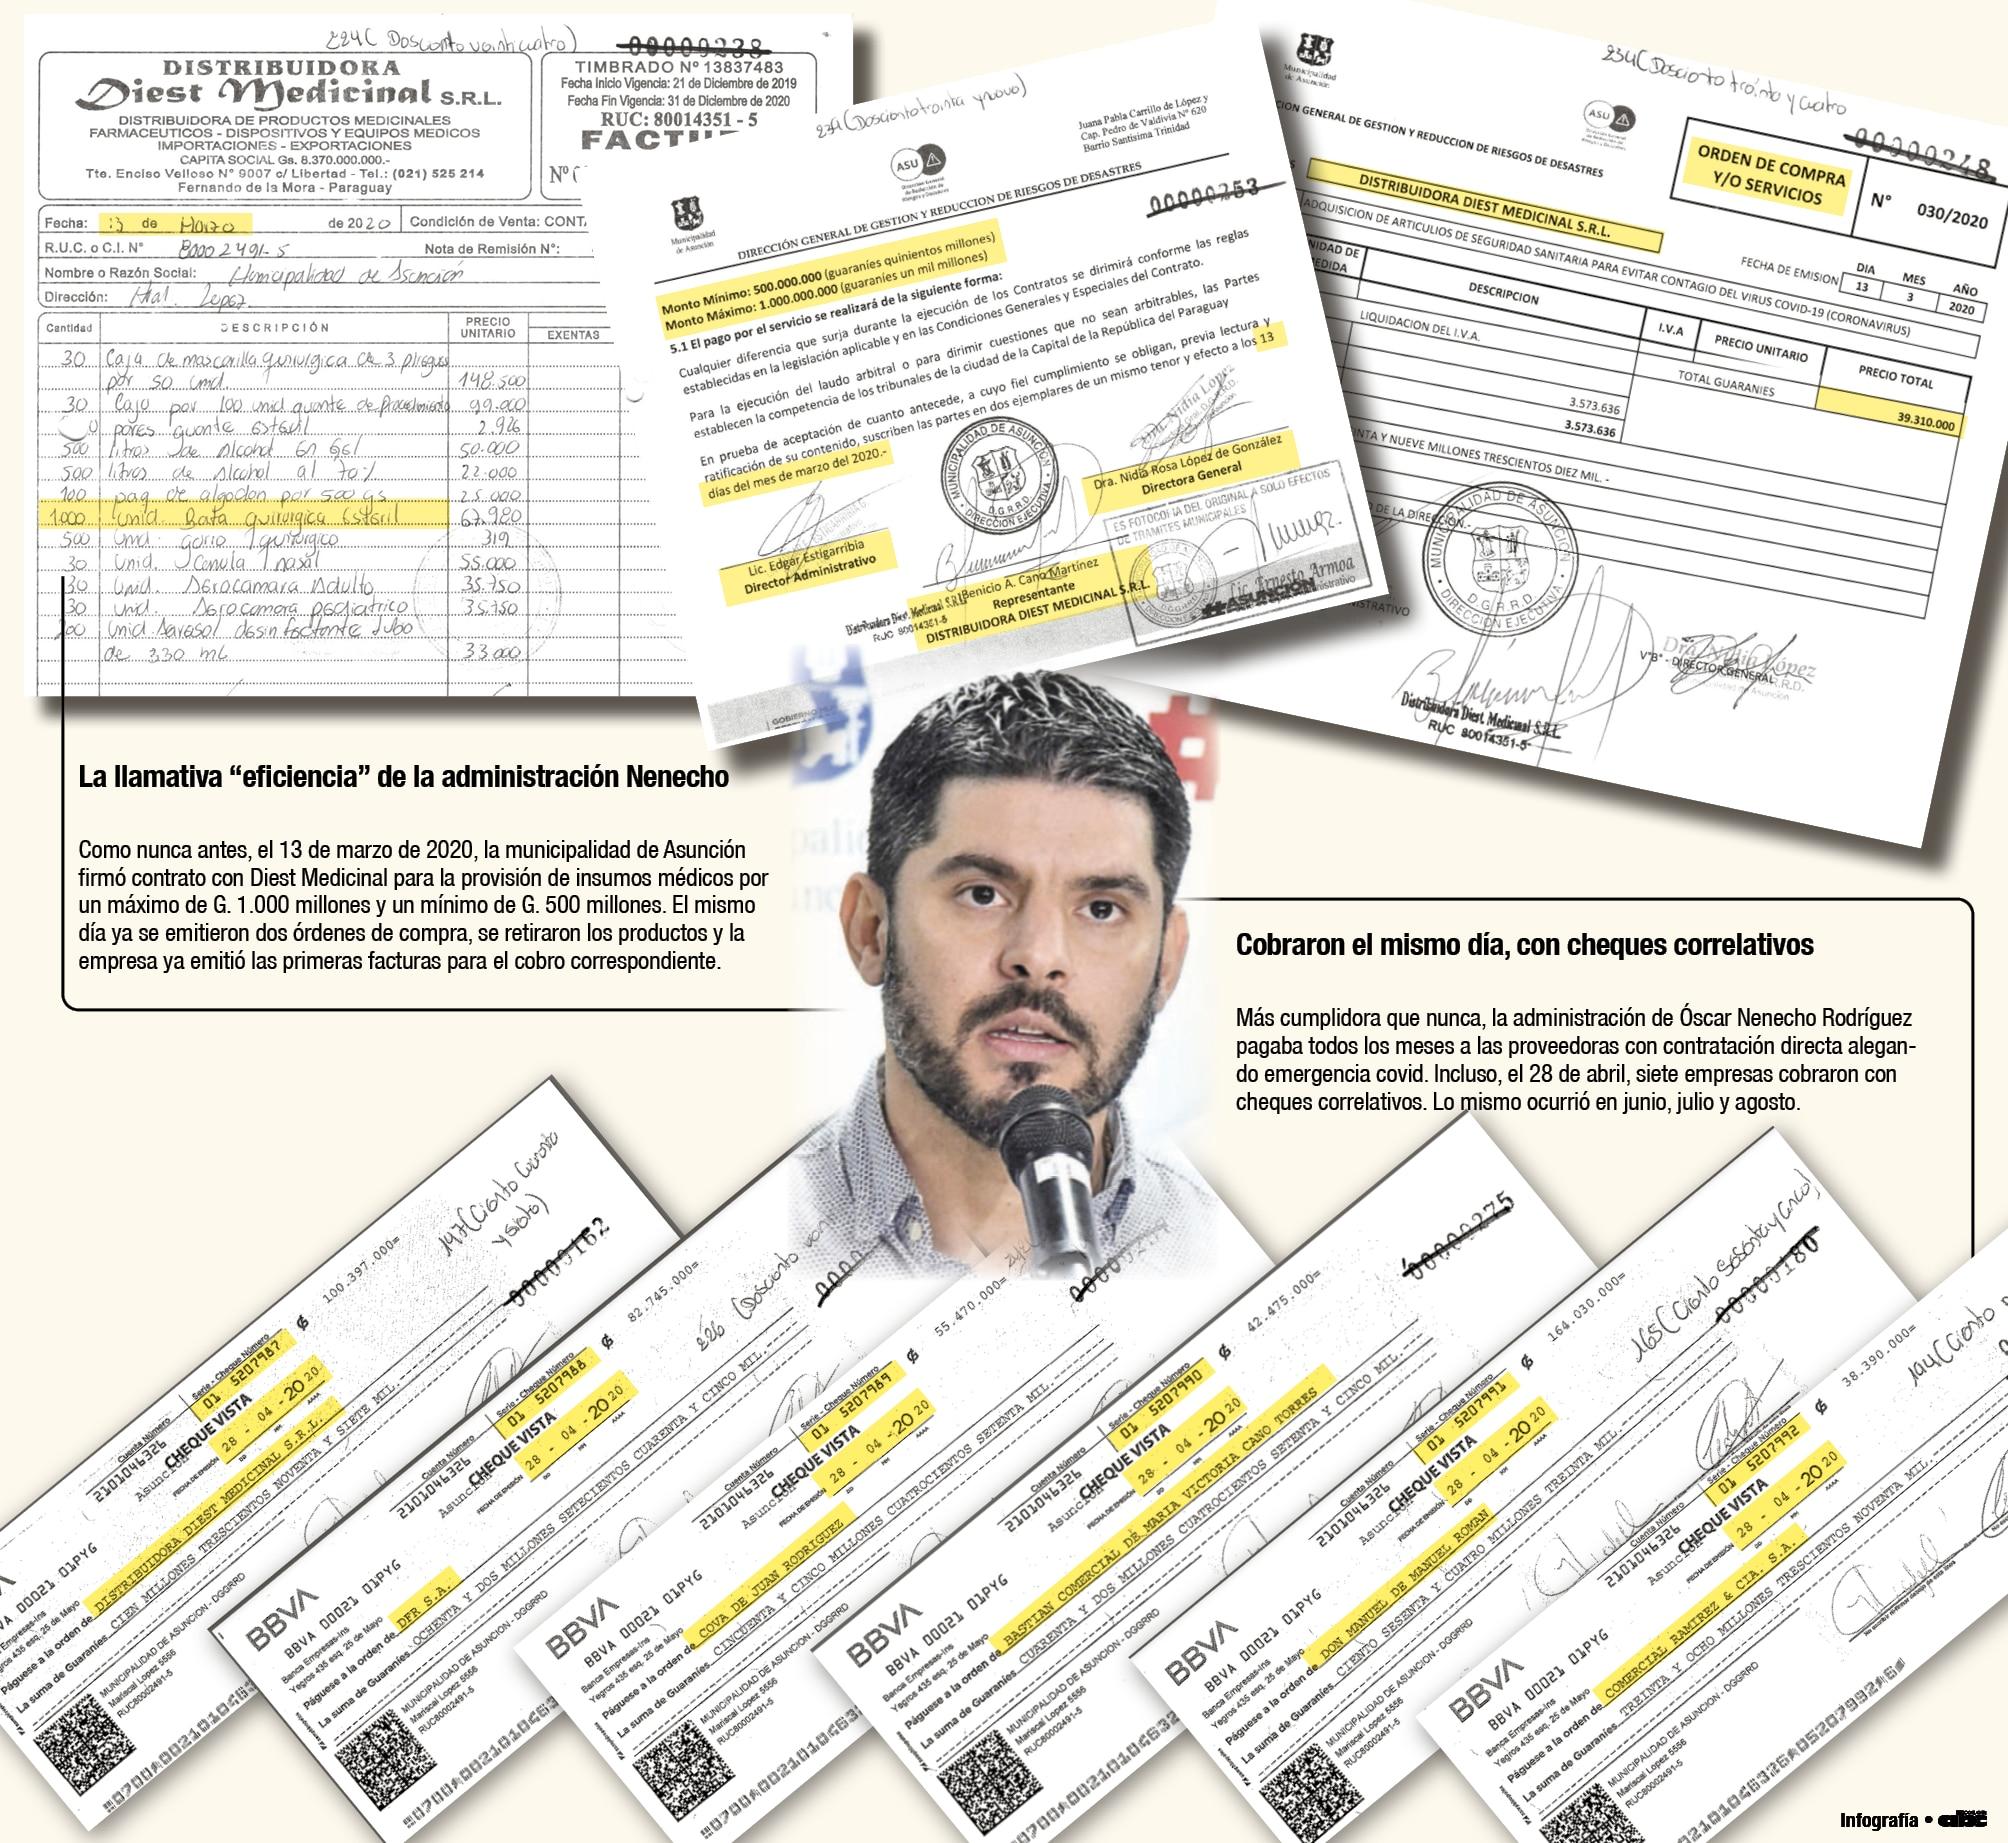 En un solo día, se firmó contrato, se ordenó la compra, se retiró la mercadería y Diest emitió factura a nombre de la Municipalidad de Asuncion. También en un solo día, con cheques de numeración corrida, las proveedoras cobraban por los insumos vendidos.